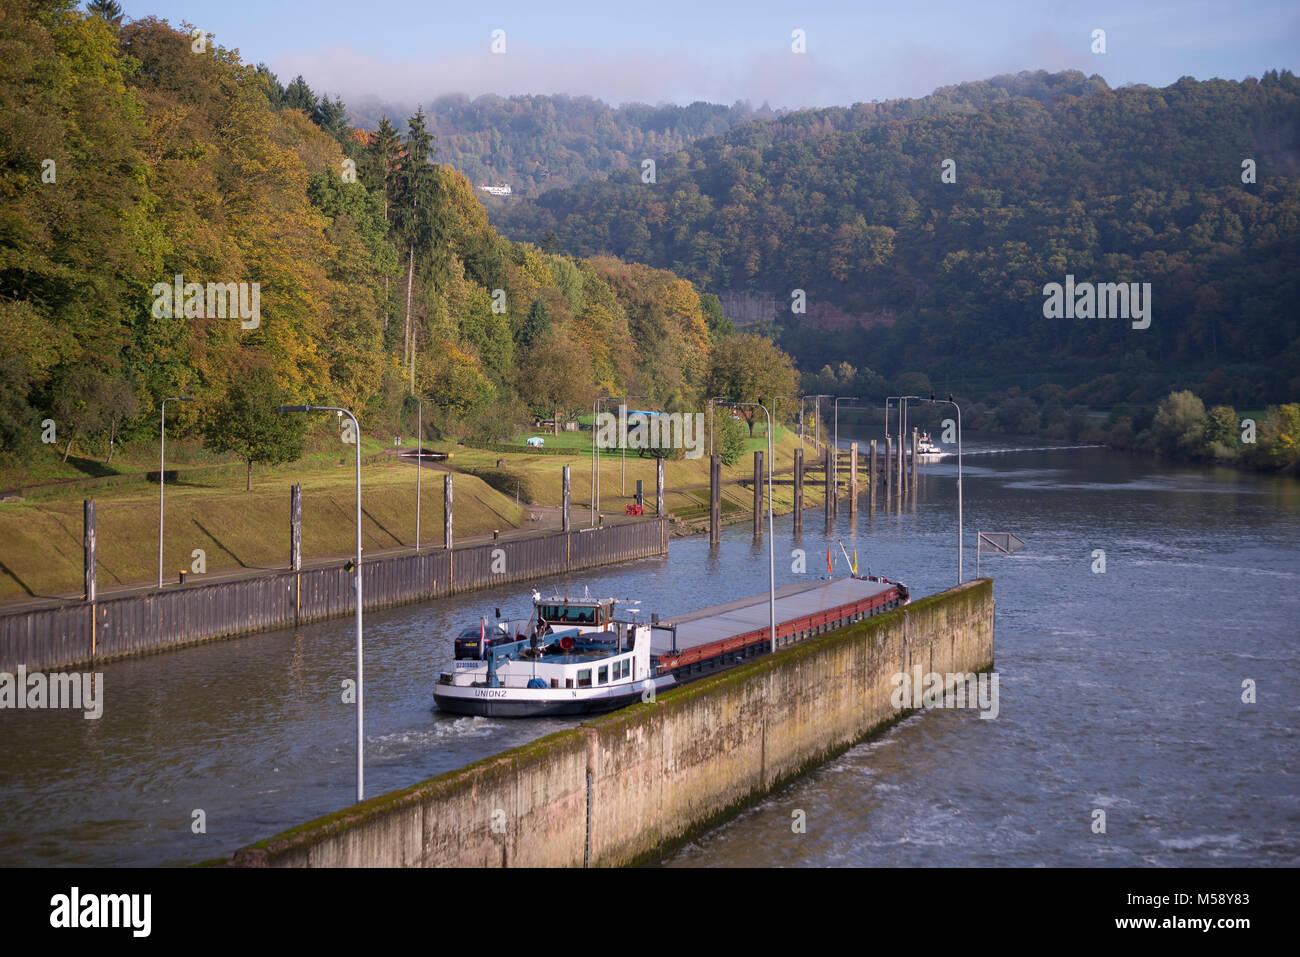 Neckar bei Eberbach, Baden-Württemberg, Deutschland - Stock Image